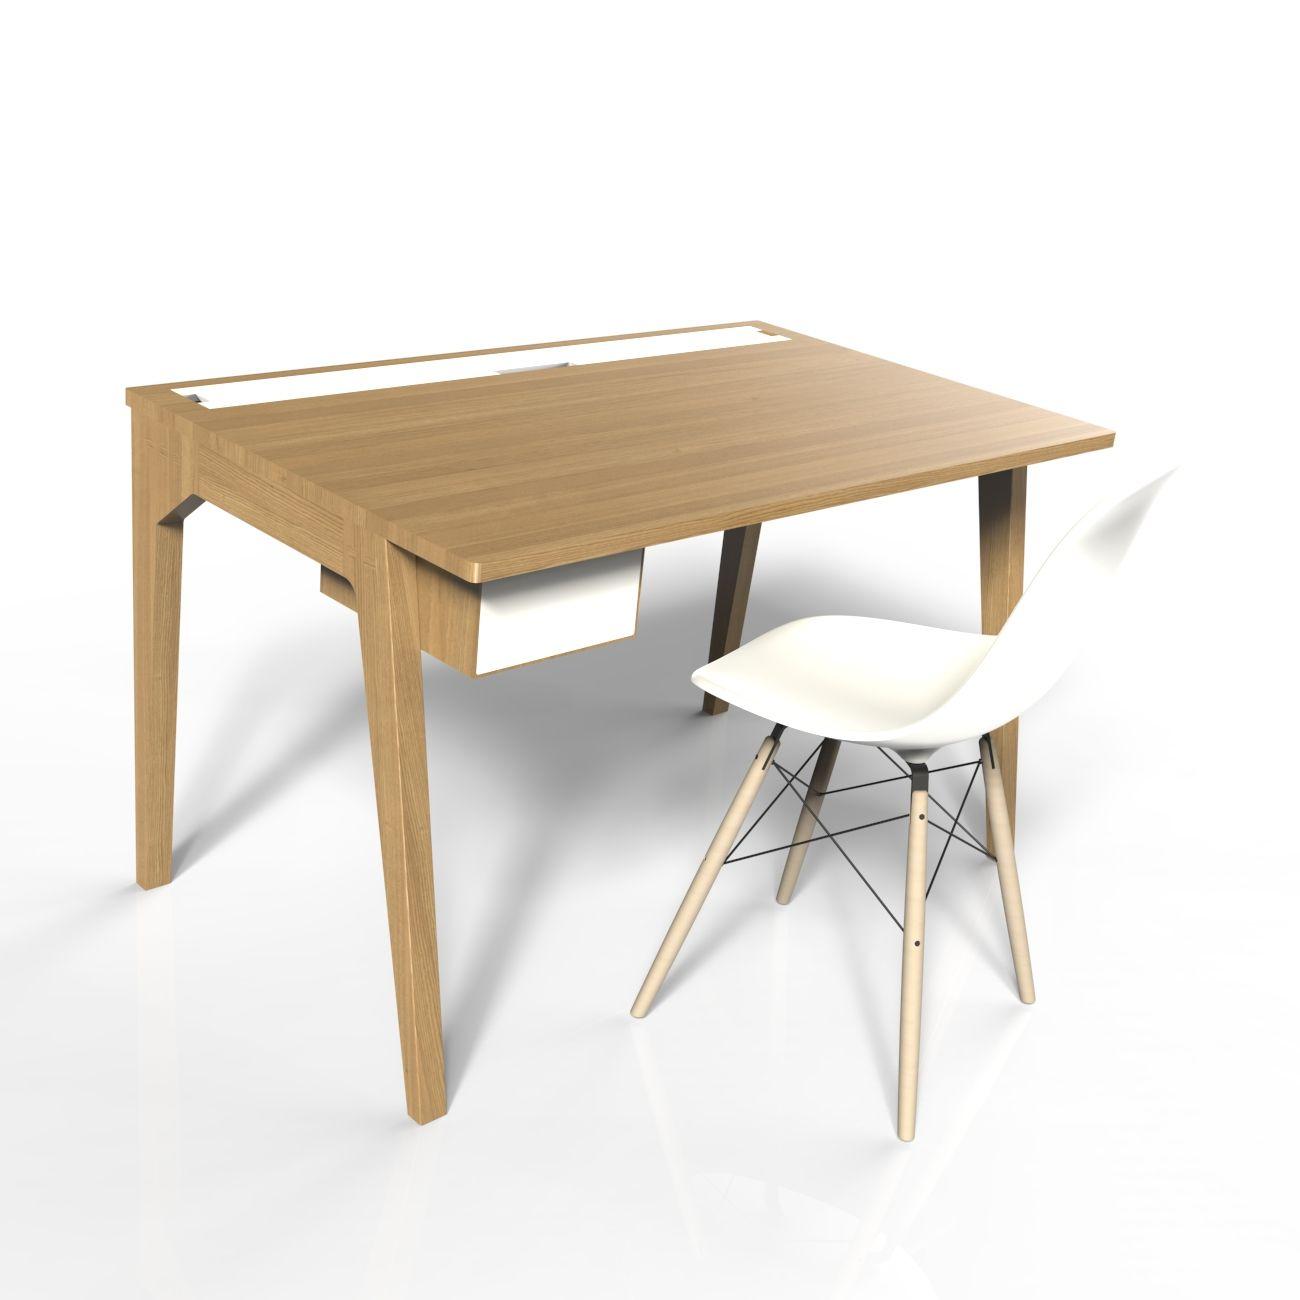 The Desk Scriba Le Bureau Scriba Par Osmose Le Bois Est Ideal Pour Les Nouveaux Usages Connectes Comme Pour Ceux De Toute Furniture Furniture Design Design